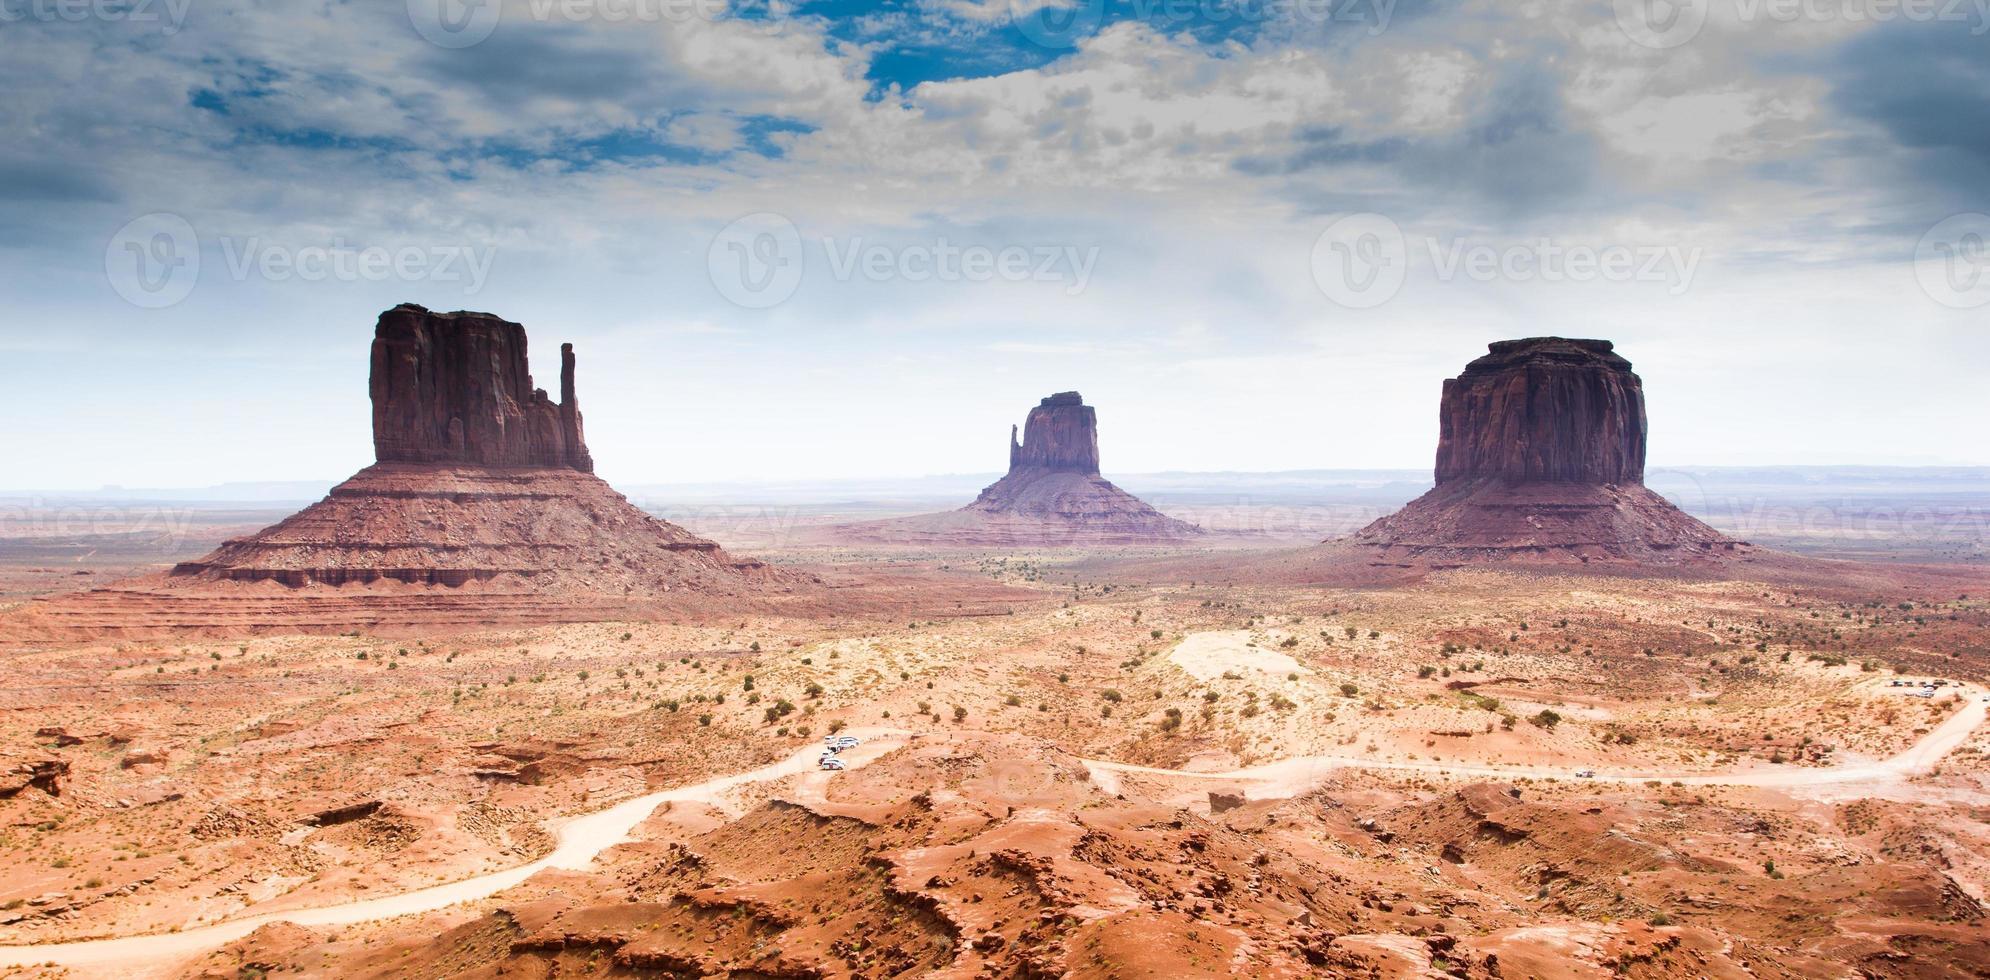 das Monument Valley, Landschaften, USA foto